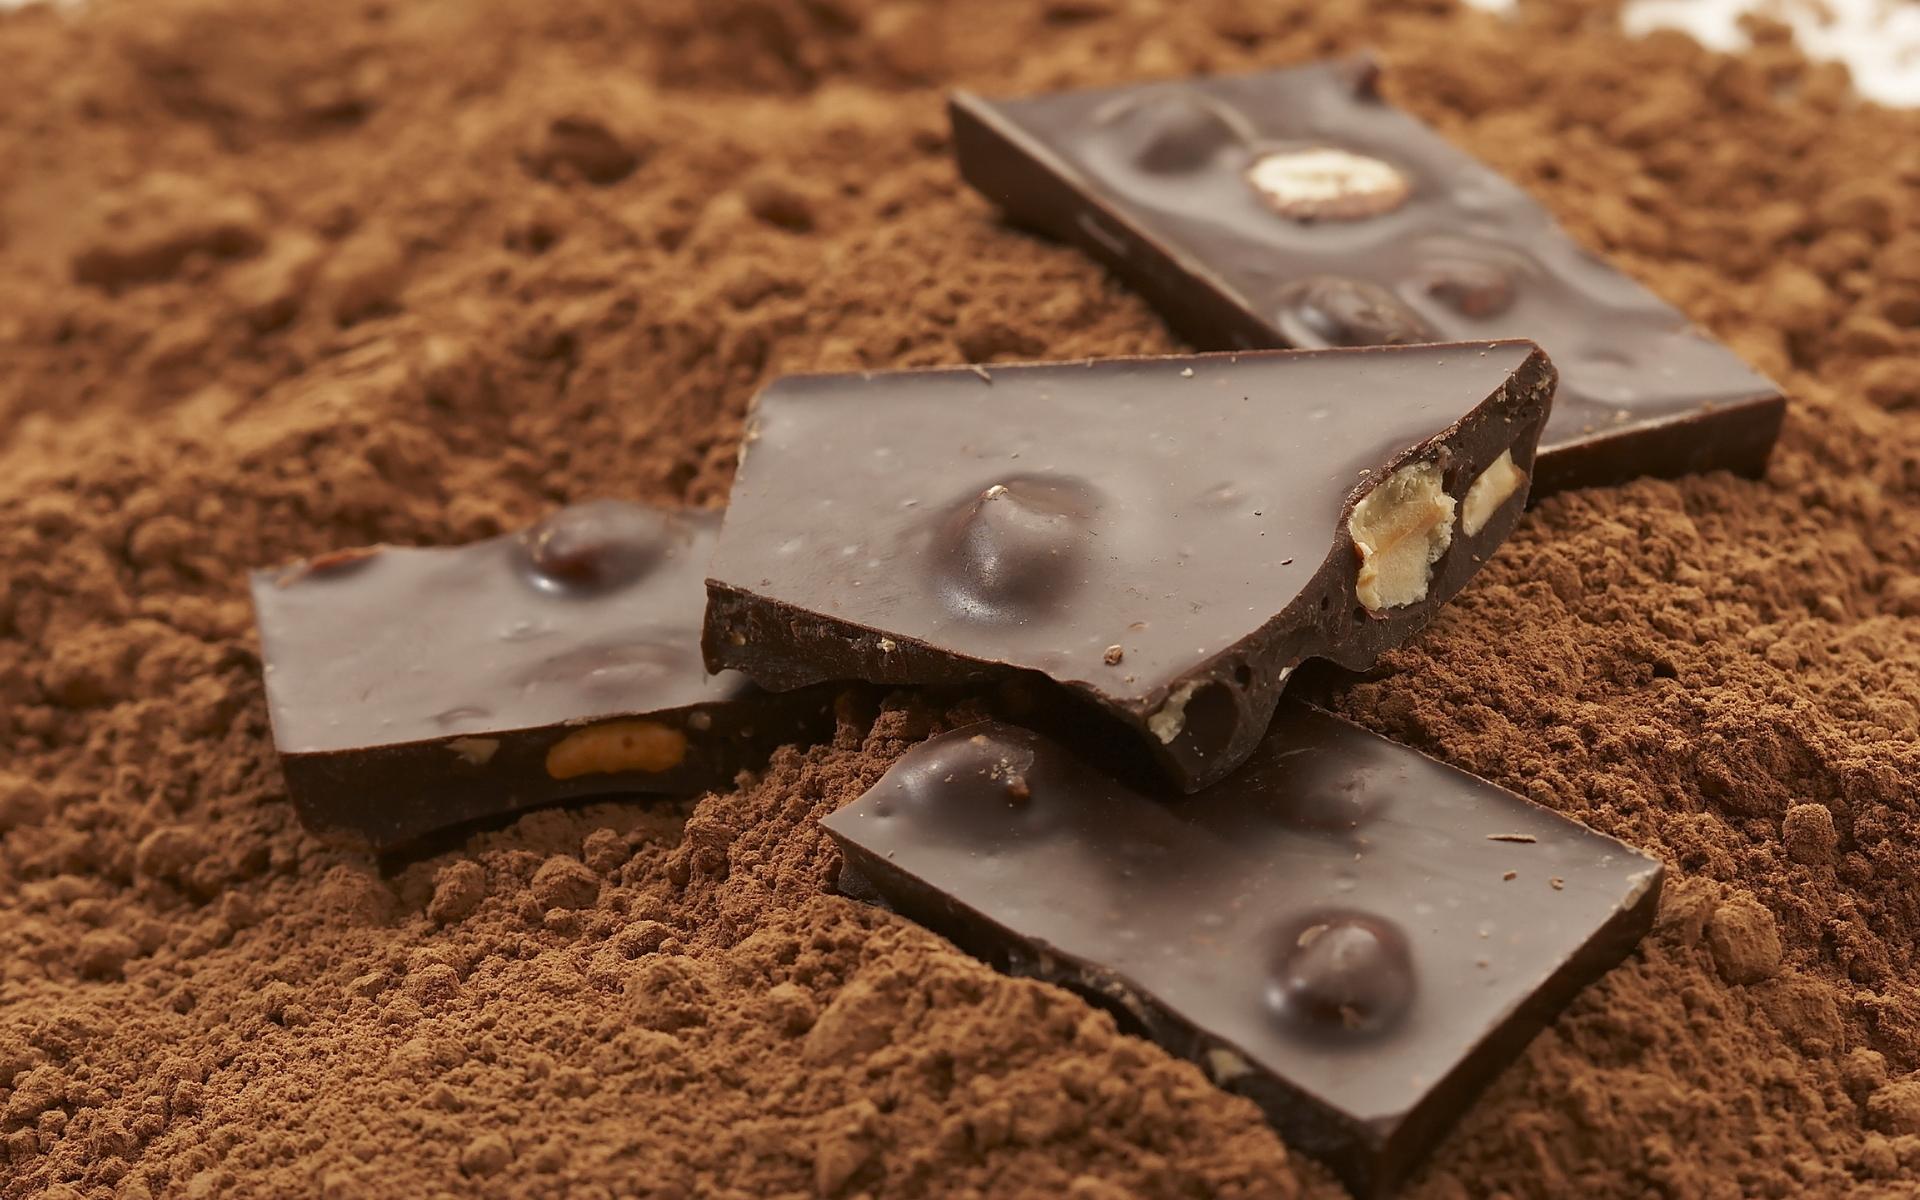 плитка шоколада, шоколад, chocolate bar, texture, wallpaper, скачать фото, обои для рабочего стола